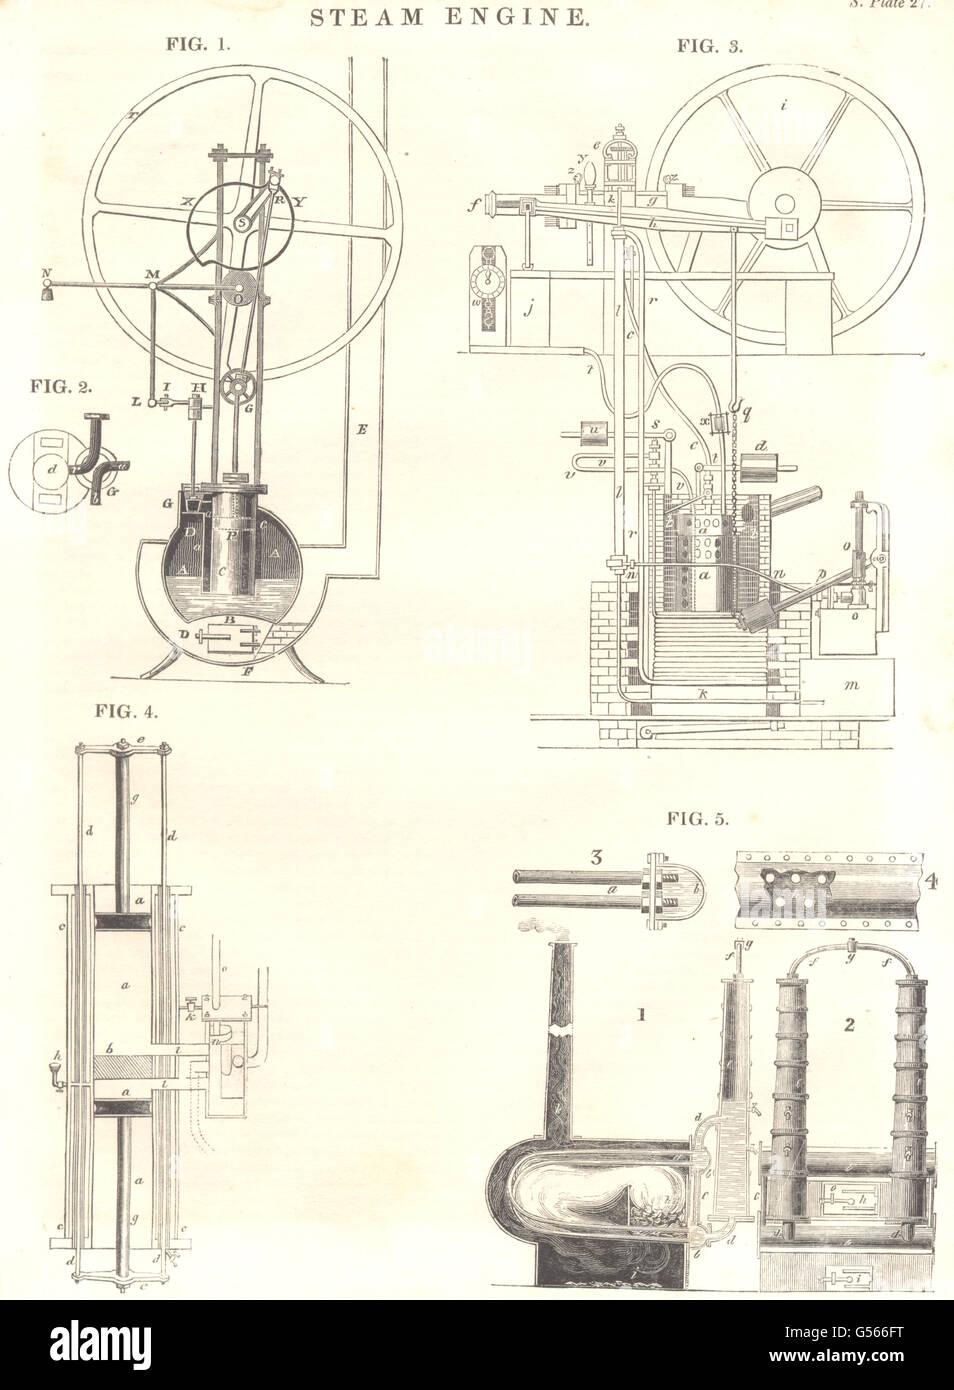 Steam Engine Diagram Stockfotos & Steam Engine Diagram Bilder - Alamy